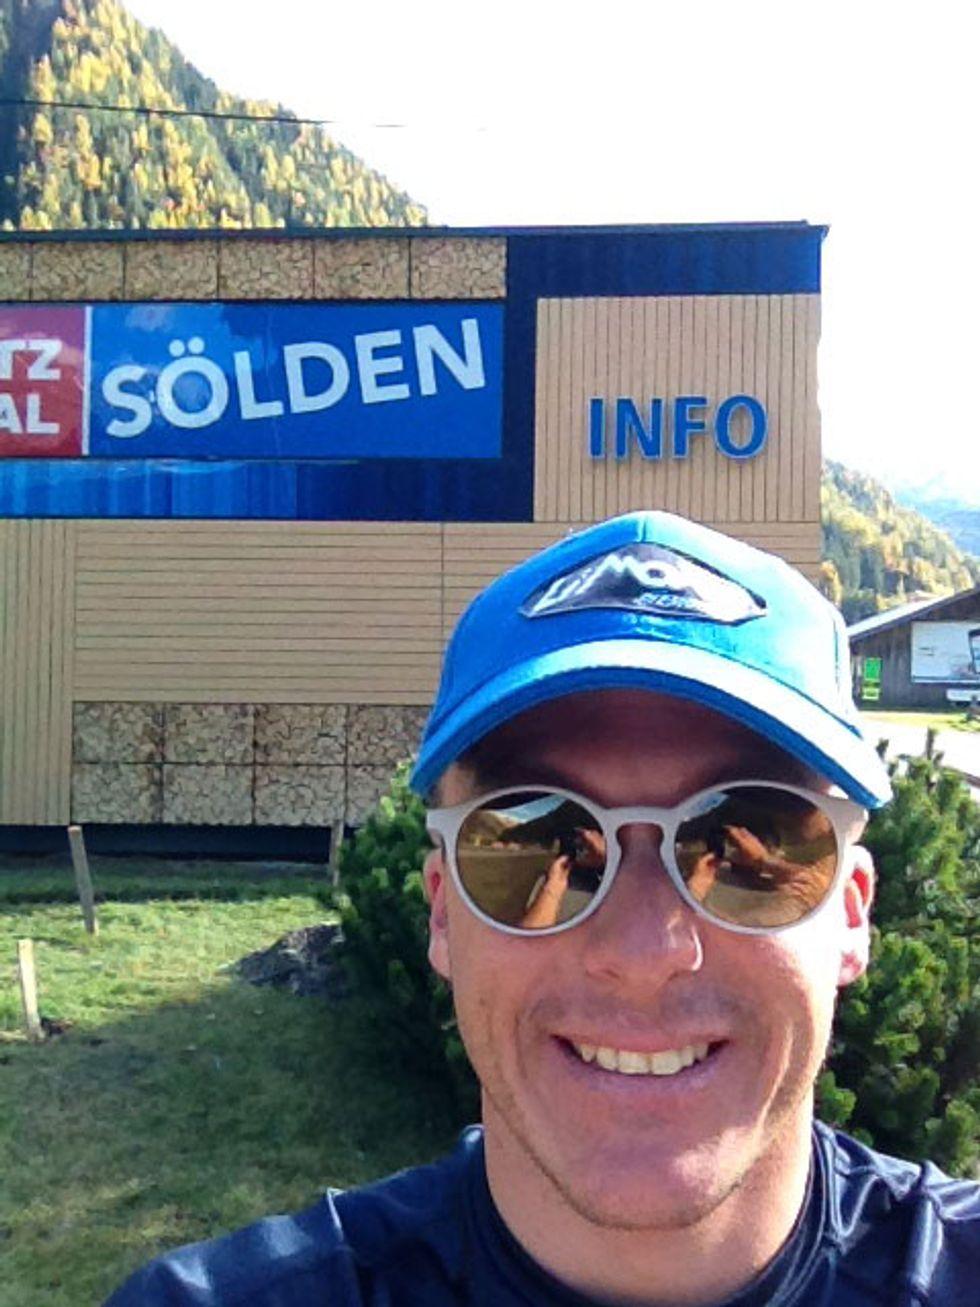 Domenica sveglia presto: c'è Max in gara a Solden!